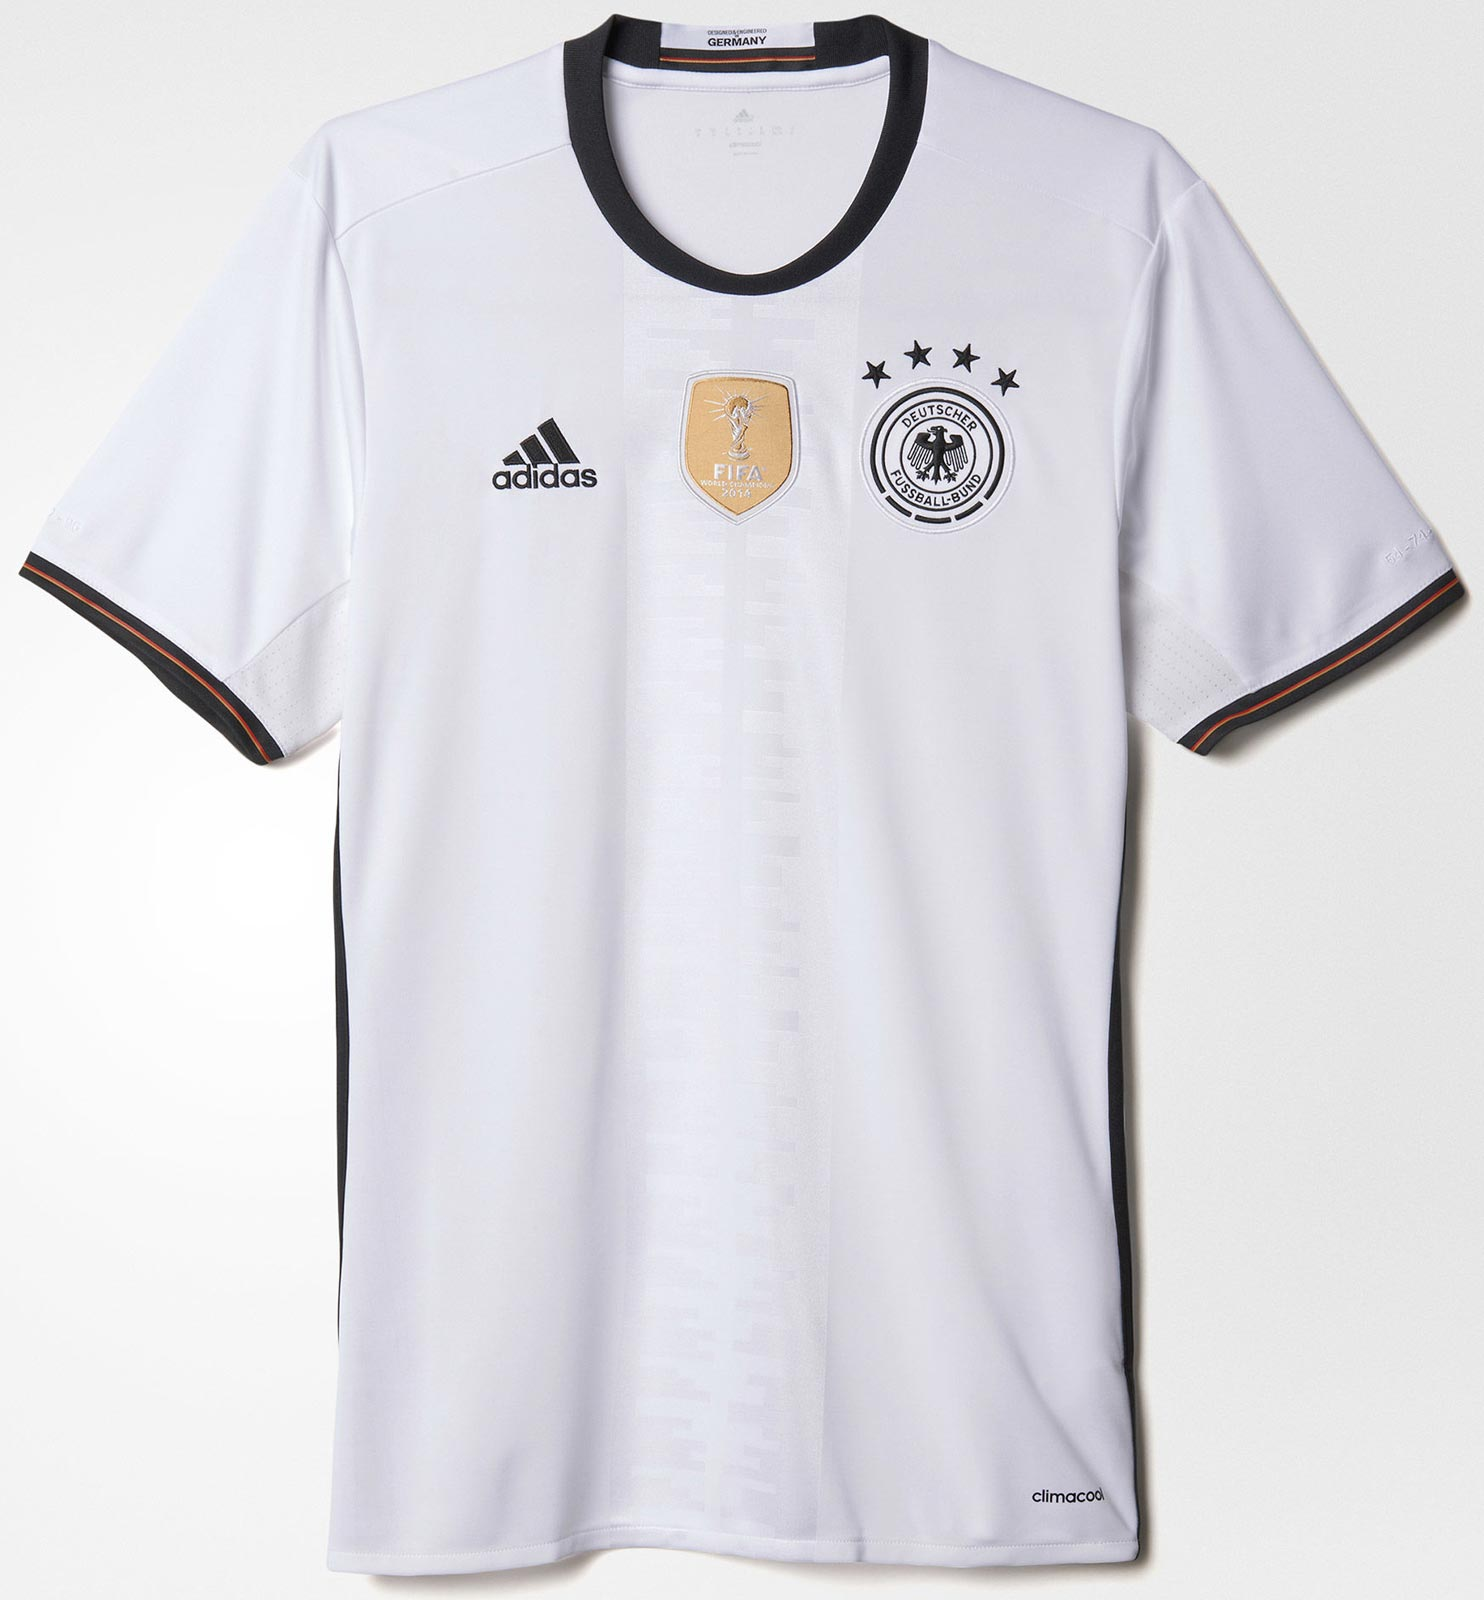 d696257ee3 Adidas divulga nova camisa titular da Alemanha - Show de Camisas